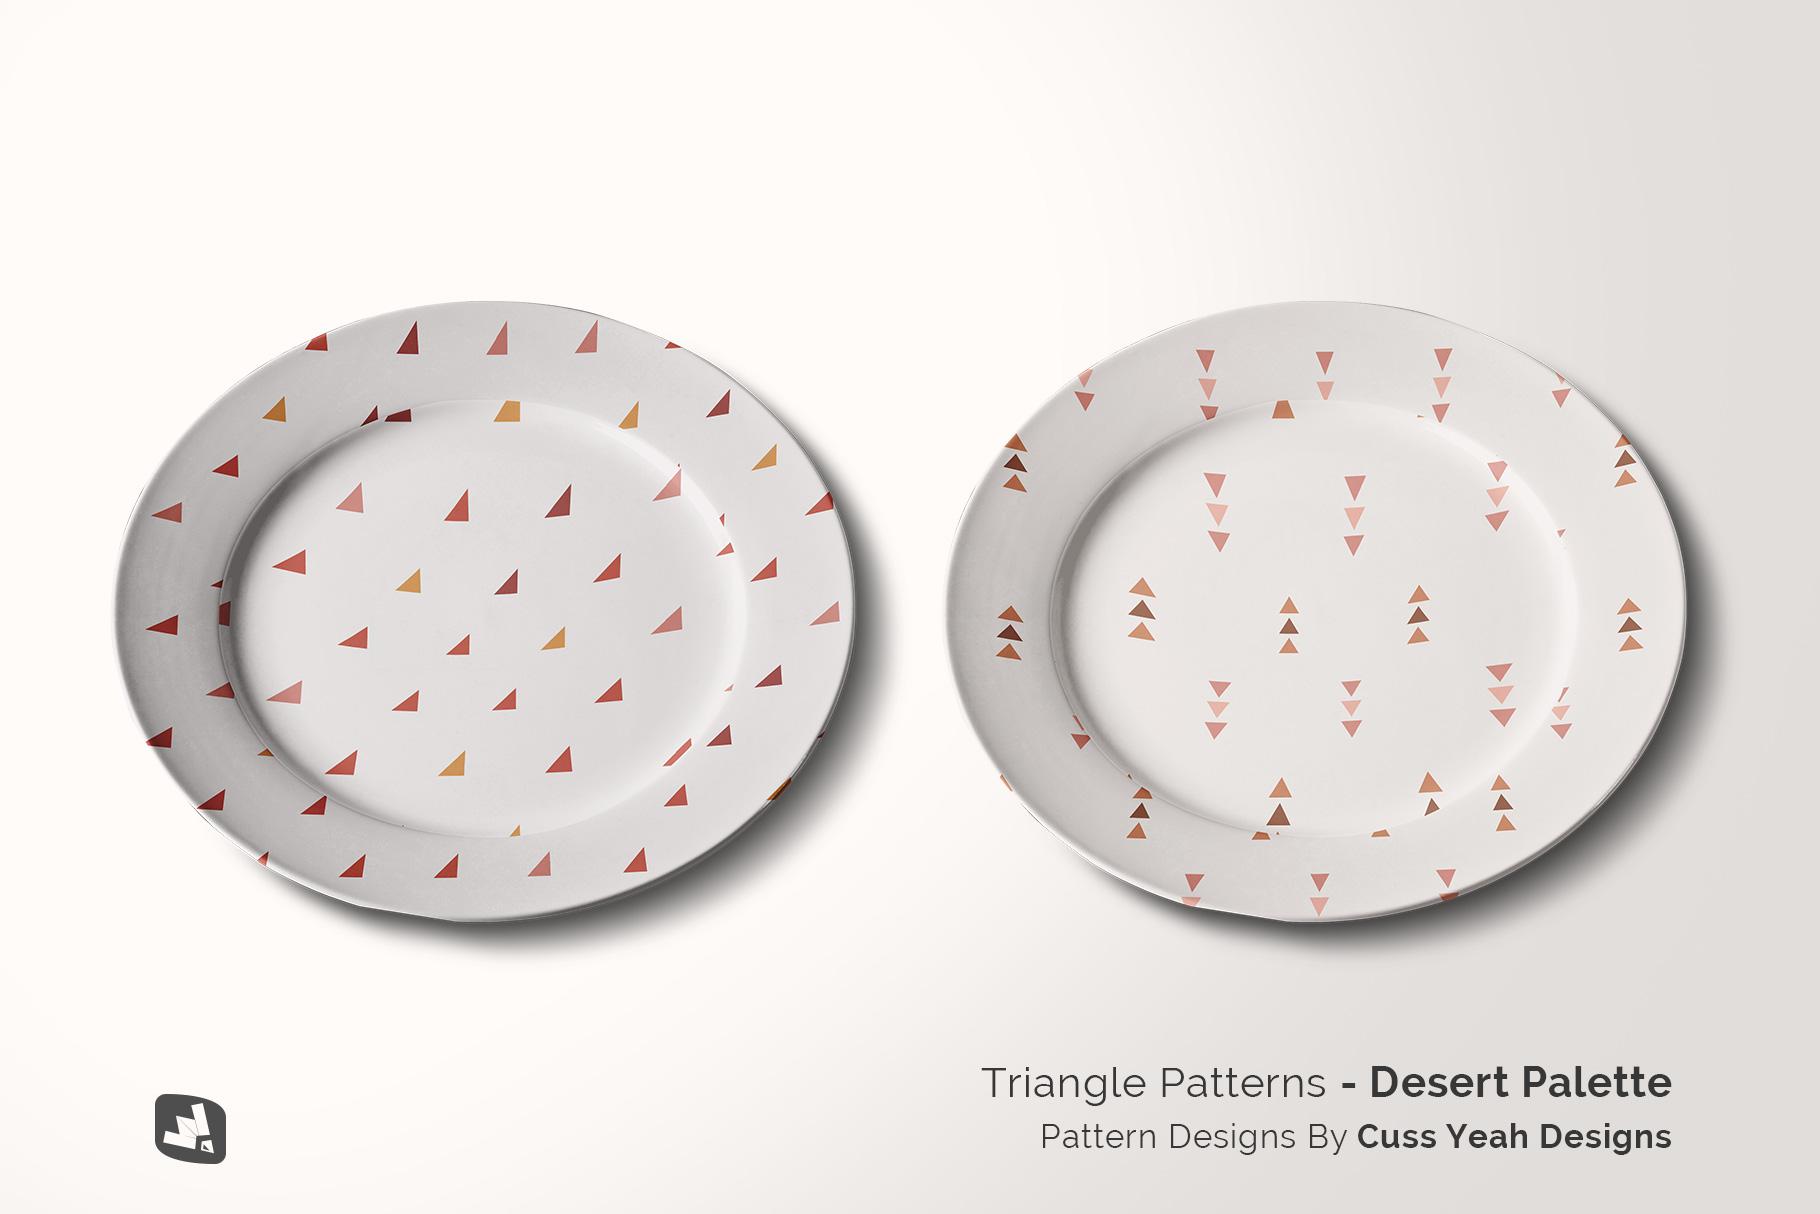 designer's credit of the porcelain dinner plate mockup